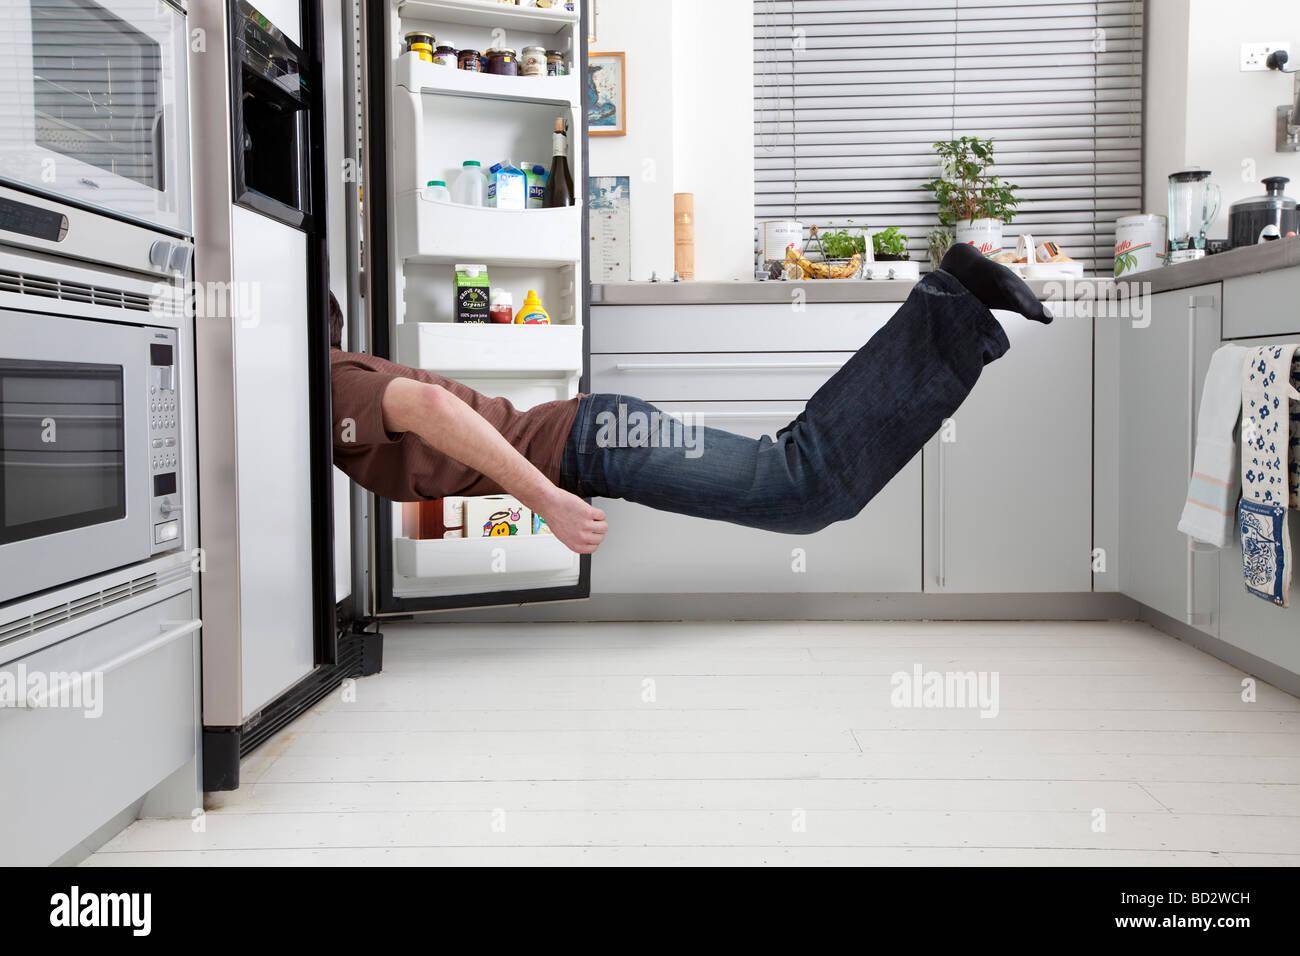 Uomo che guarda in frigo Immagini Stock